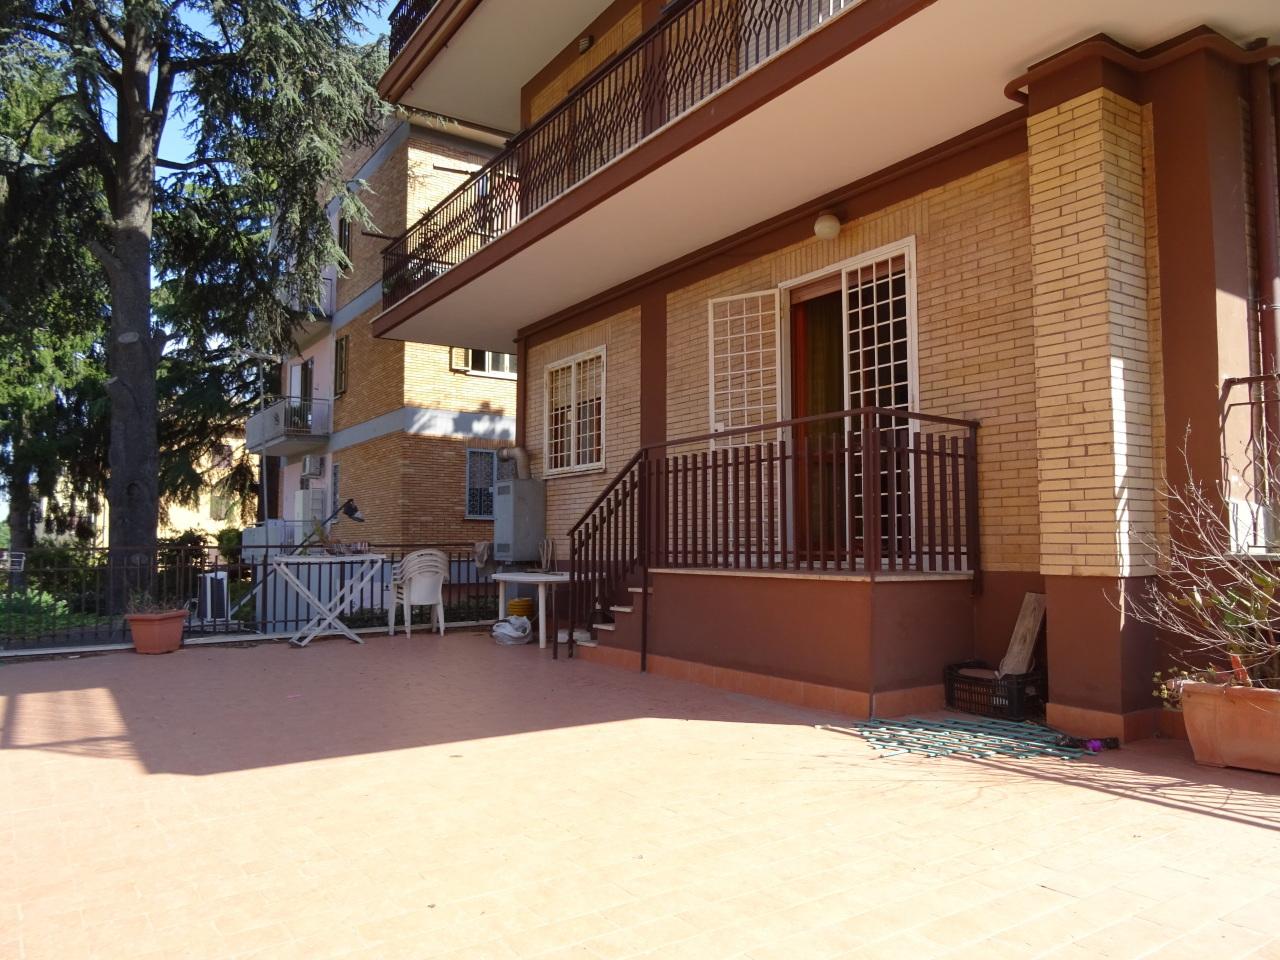 Appartamento in vendita a Grottaferrata, 3 locali, prezzo € 159.000 | Cambio Casa.it